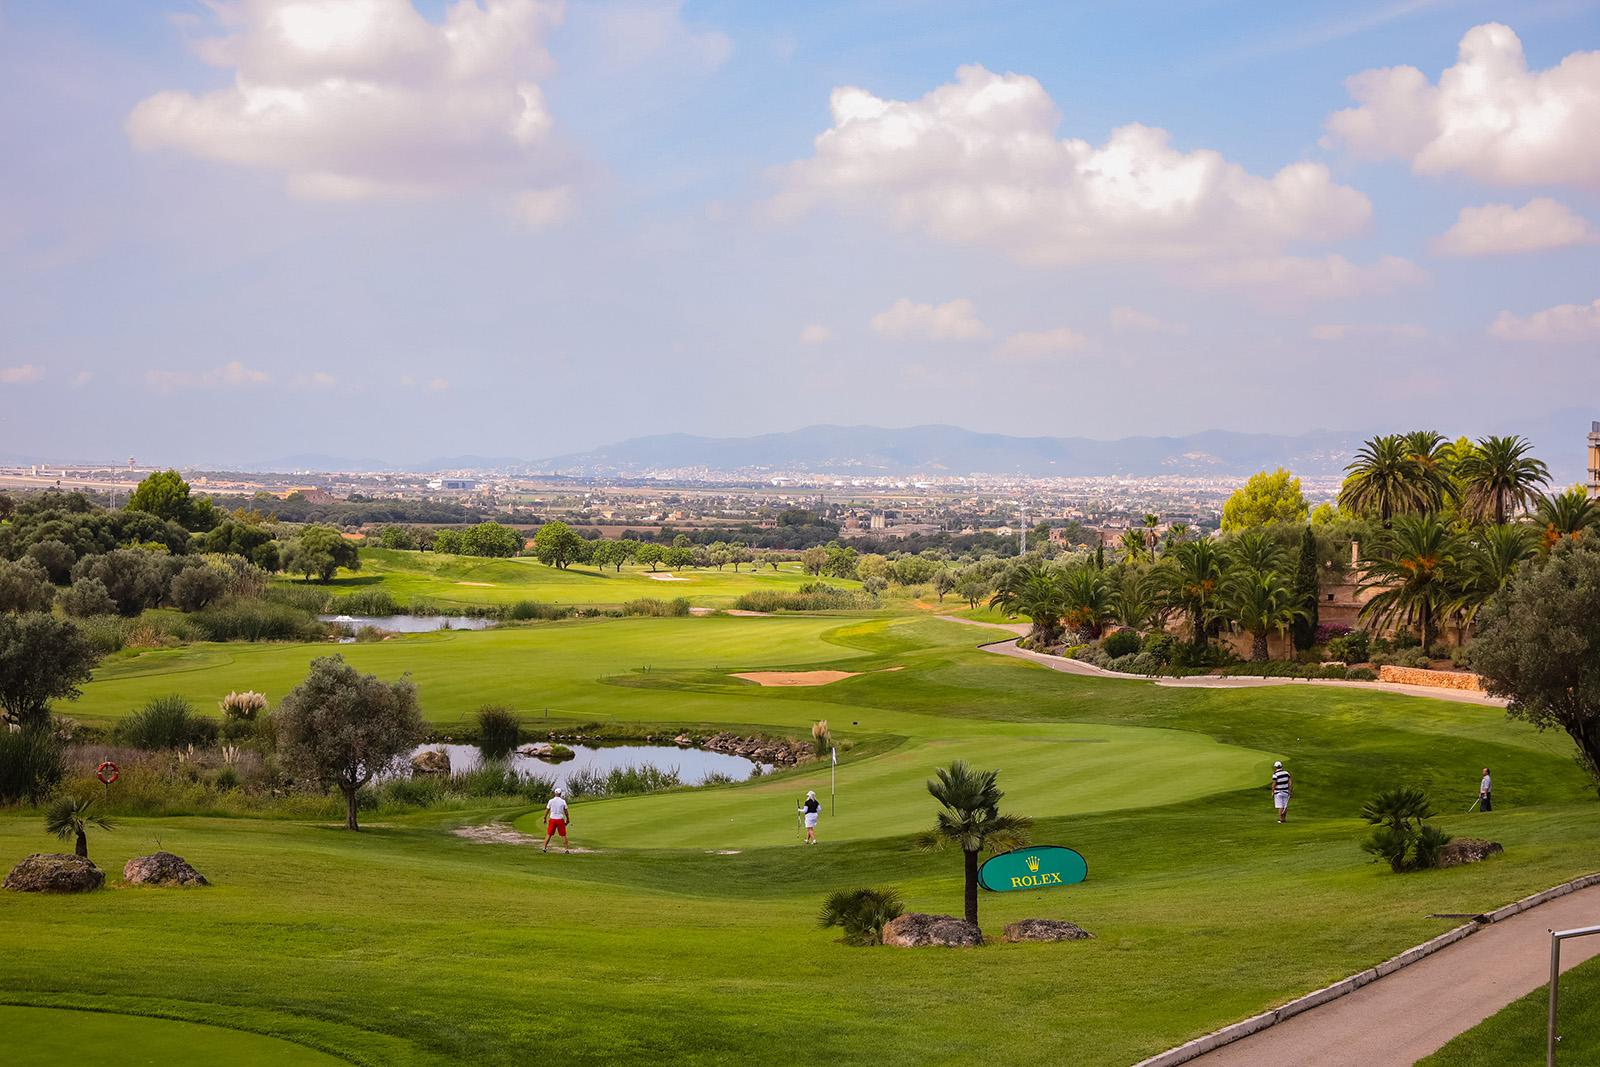 Trofeo Rolex de golf etapa Mallorca II